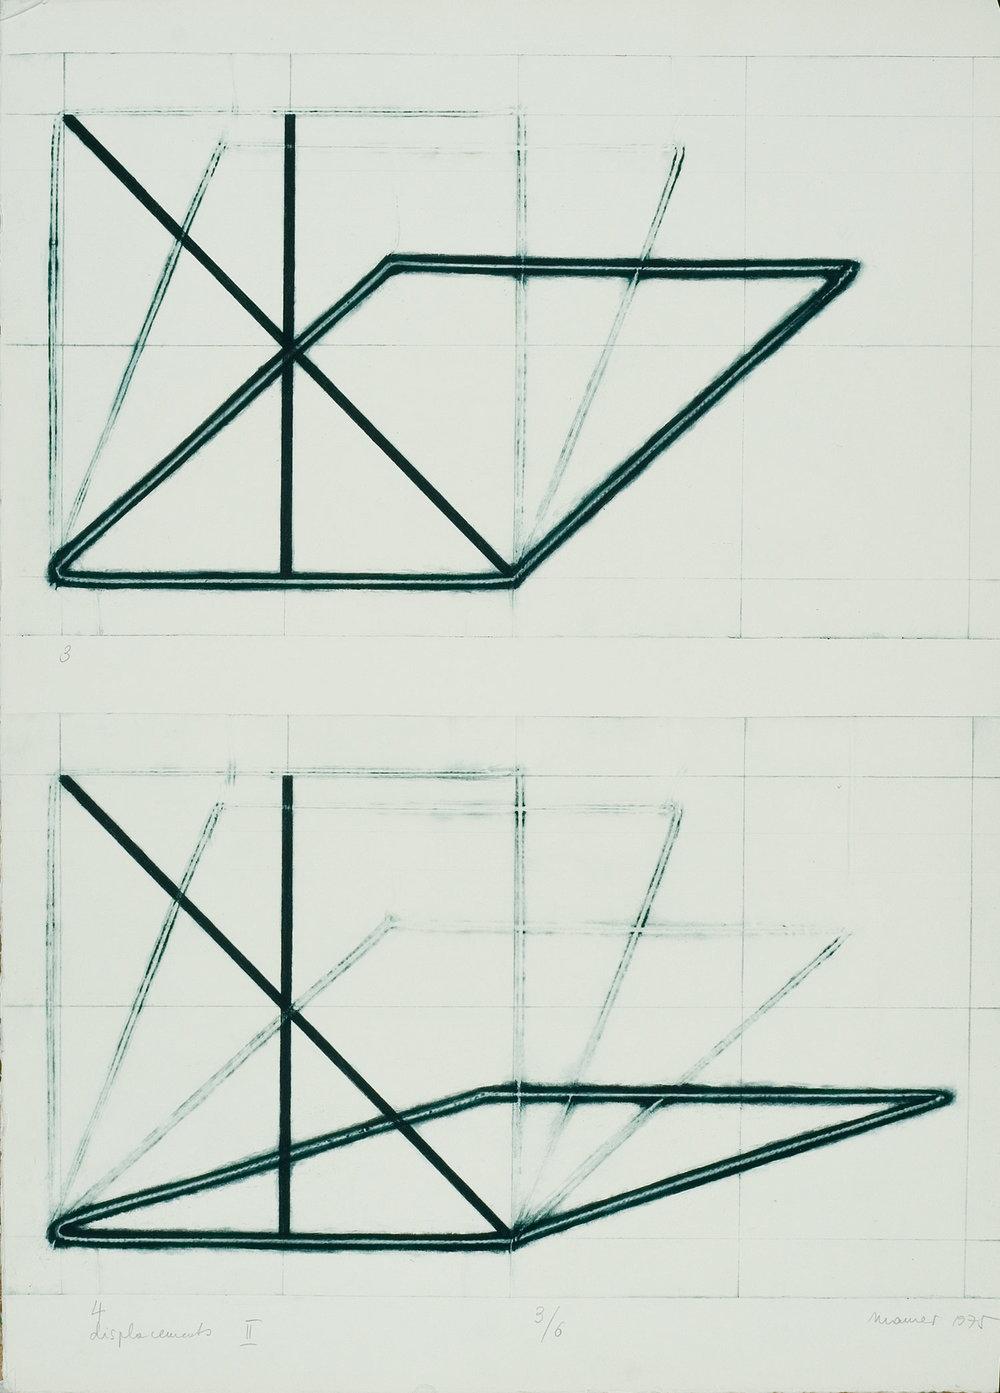 DÓRA MAURER  VERSCHIEBUNG II. 1–4, Detail 1-2, 1974 Kombination von Tief- und Prägedruck, 2 Bogen, Zerkal-Büttenpapier, je 50 x 70 cm  Photo: Miklós Sulyok, Budapest